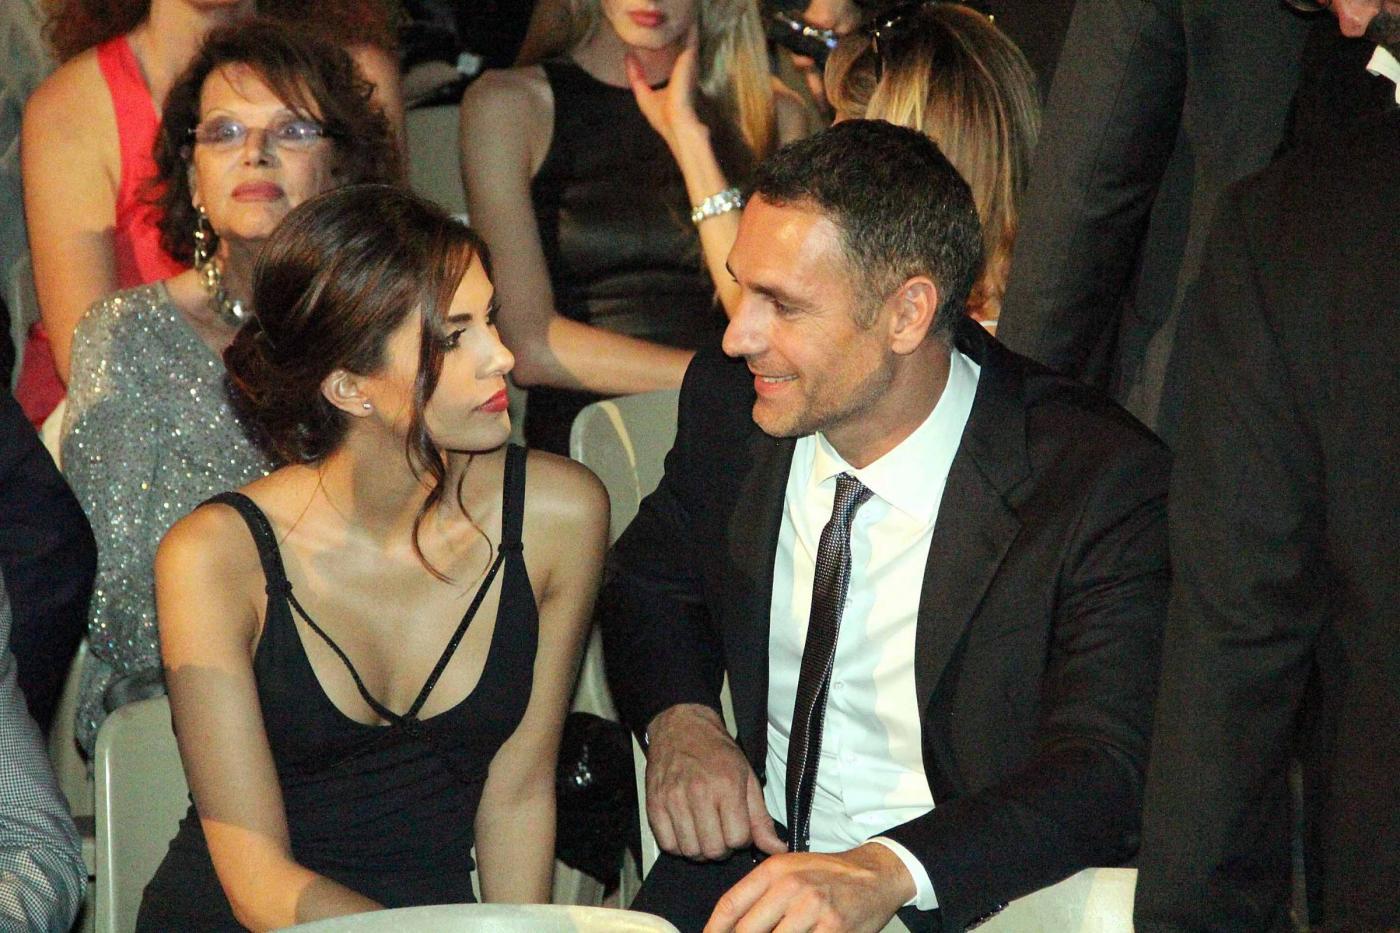 Raoul Bova e Rocío Muñoz Morales in crisi? La coppia si vede solo nel weekend